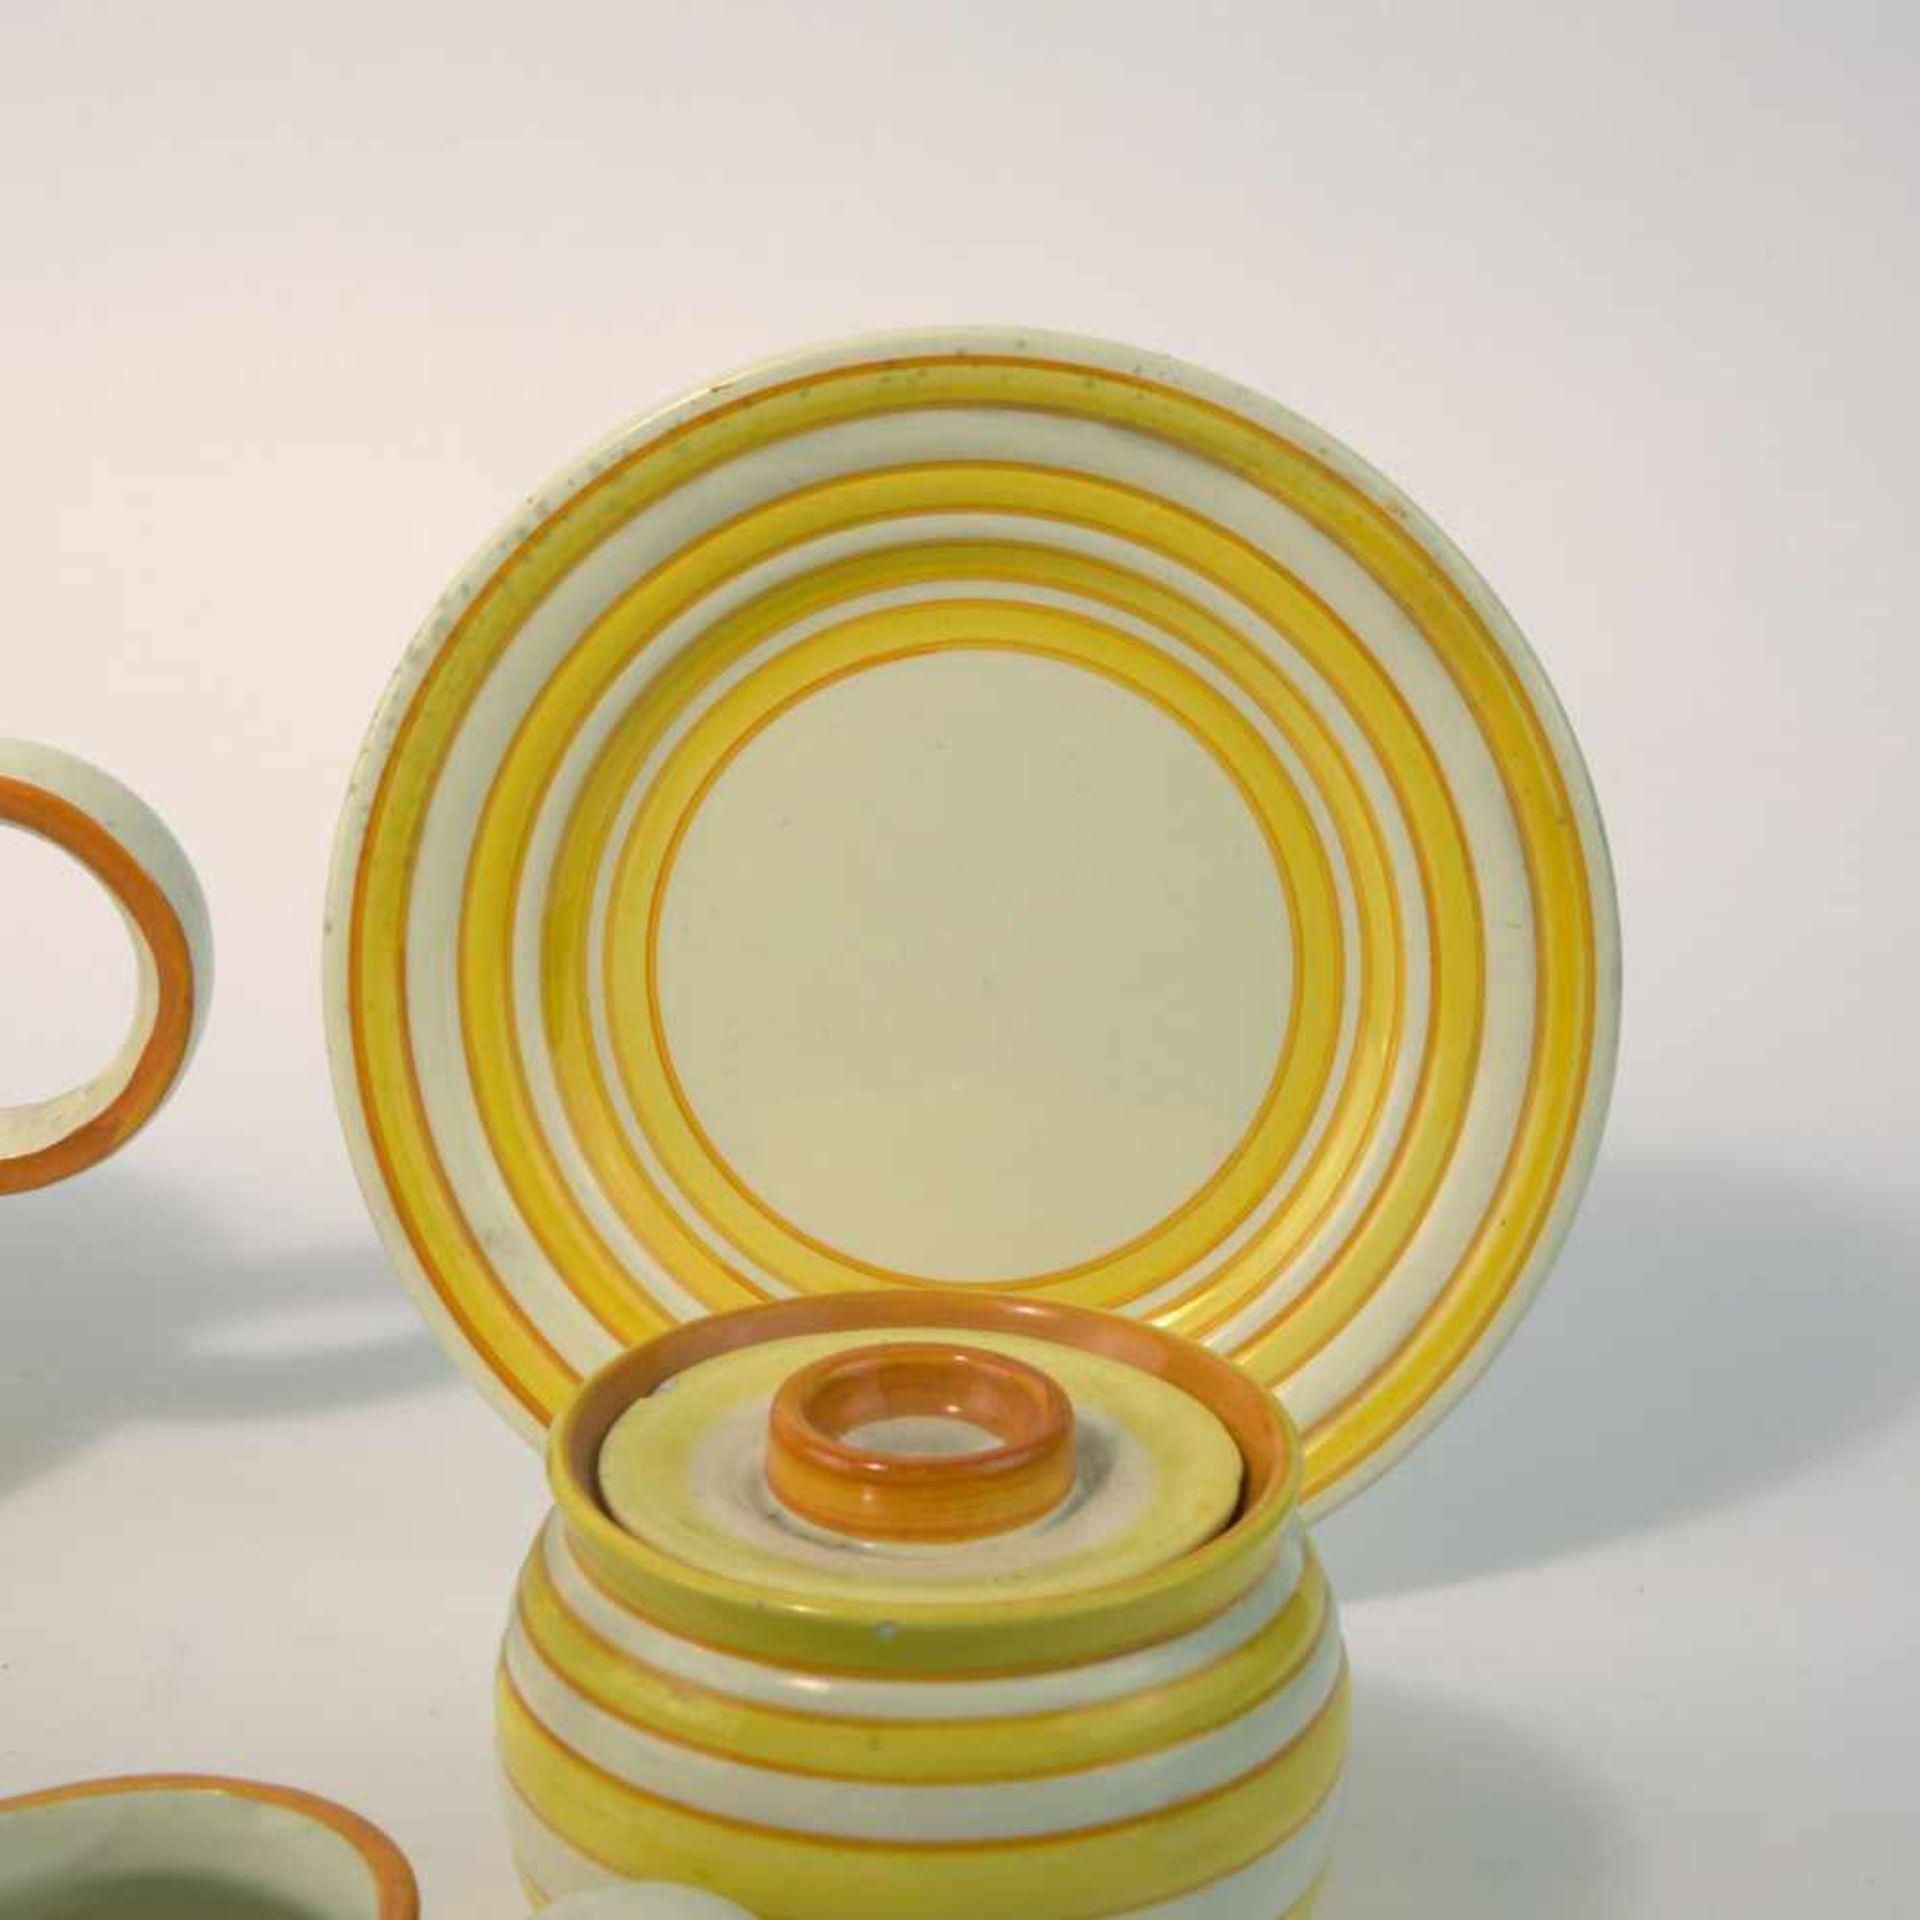 Eva Zeisel-Stricker Teeservice, um 1928 Sechs Teile. Teekanne: H. 12,7 cm; Milchkanne: H. 7,5 cm; - Bild 2 aus 6